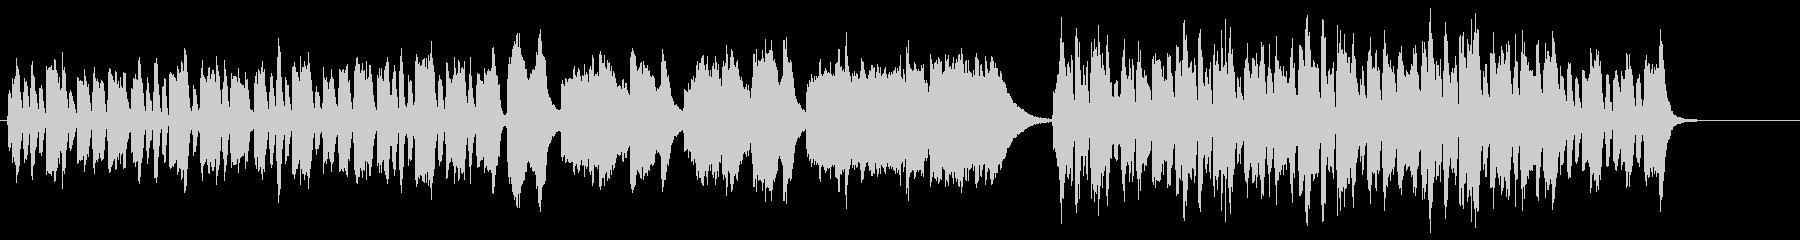 森の妖精イメージの明るいオーボエ曲の未再生の波形